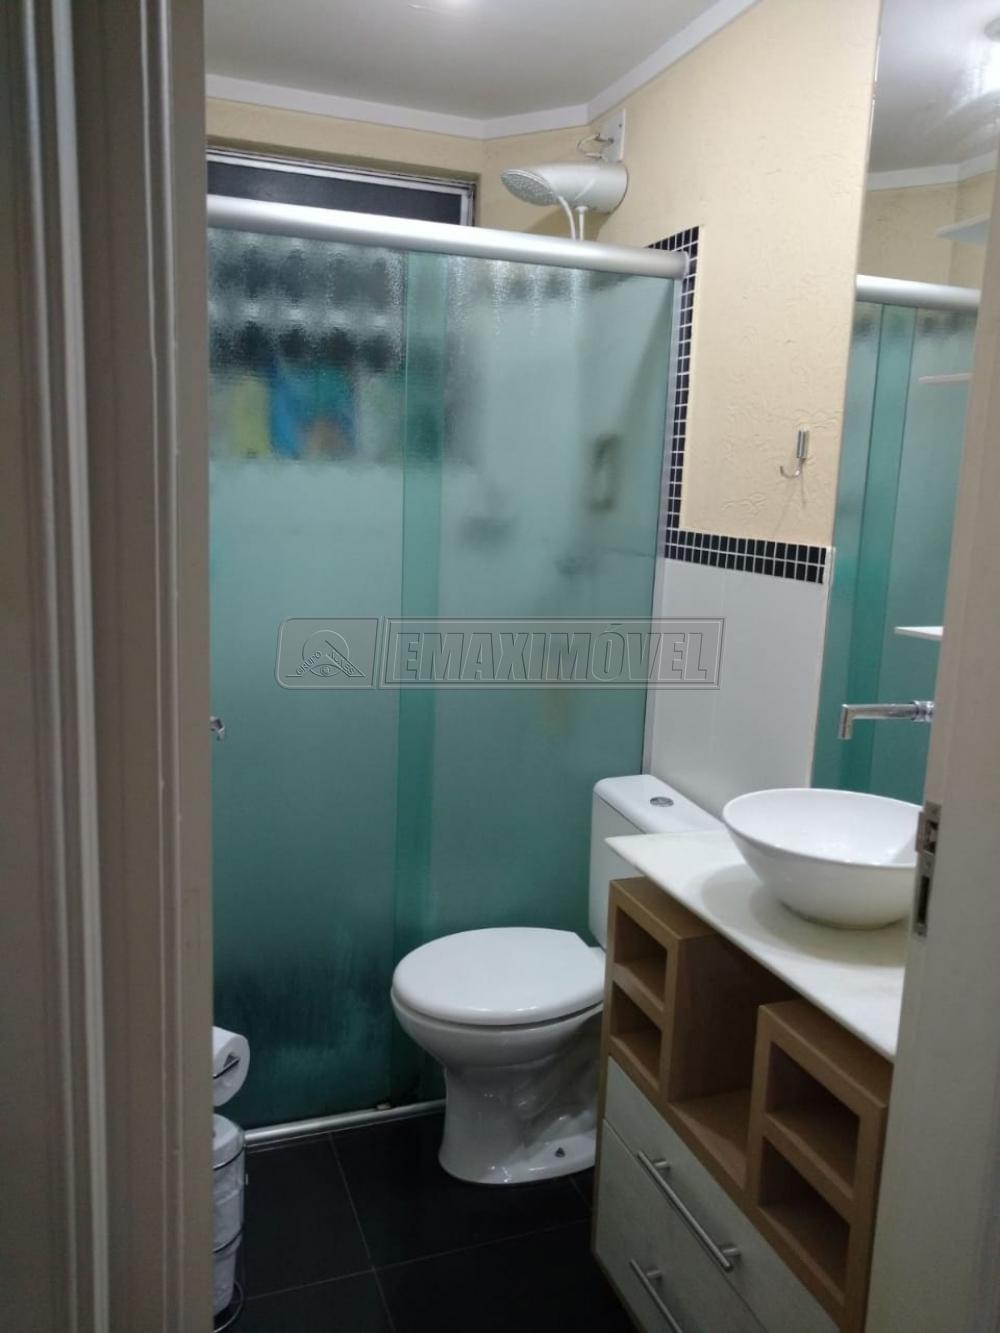 Comprar Apartamentos / Apto Padrão em Sorocaba apenas R$ 260.000,00 - Foto 14